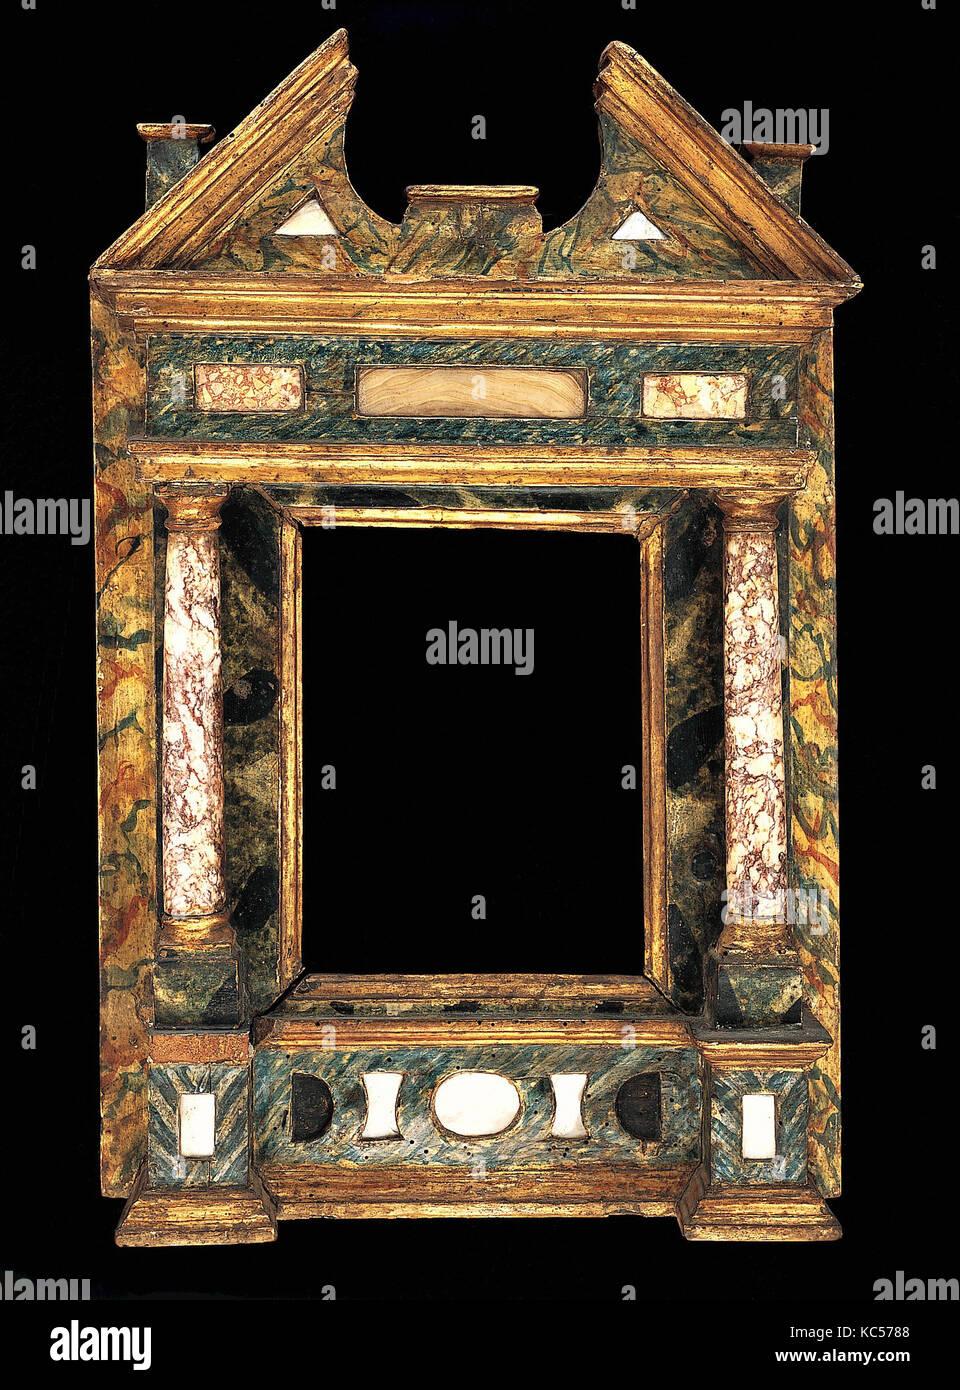 Ausgezeichnet 19x13 Rahmen Bilder - Bilderrahmen Ideen - szurop.info